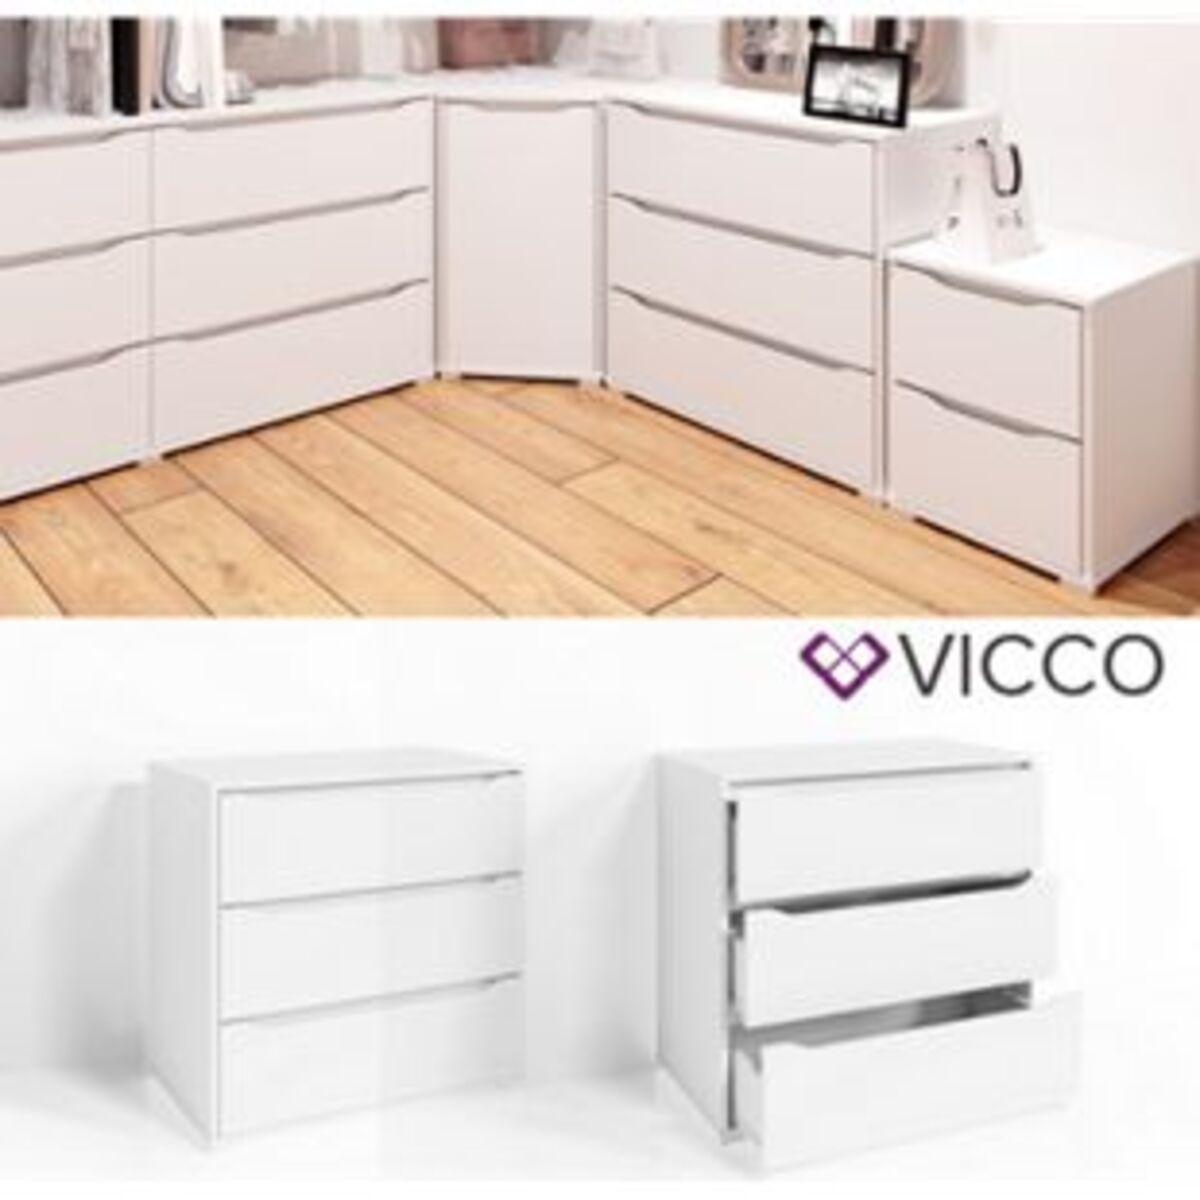 Bild 2 von VICCO Kommode RUBEN Weiß 3 Schubladen 80cm Sideboard Mehrzweckschrank Schrank